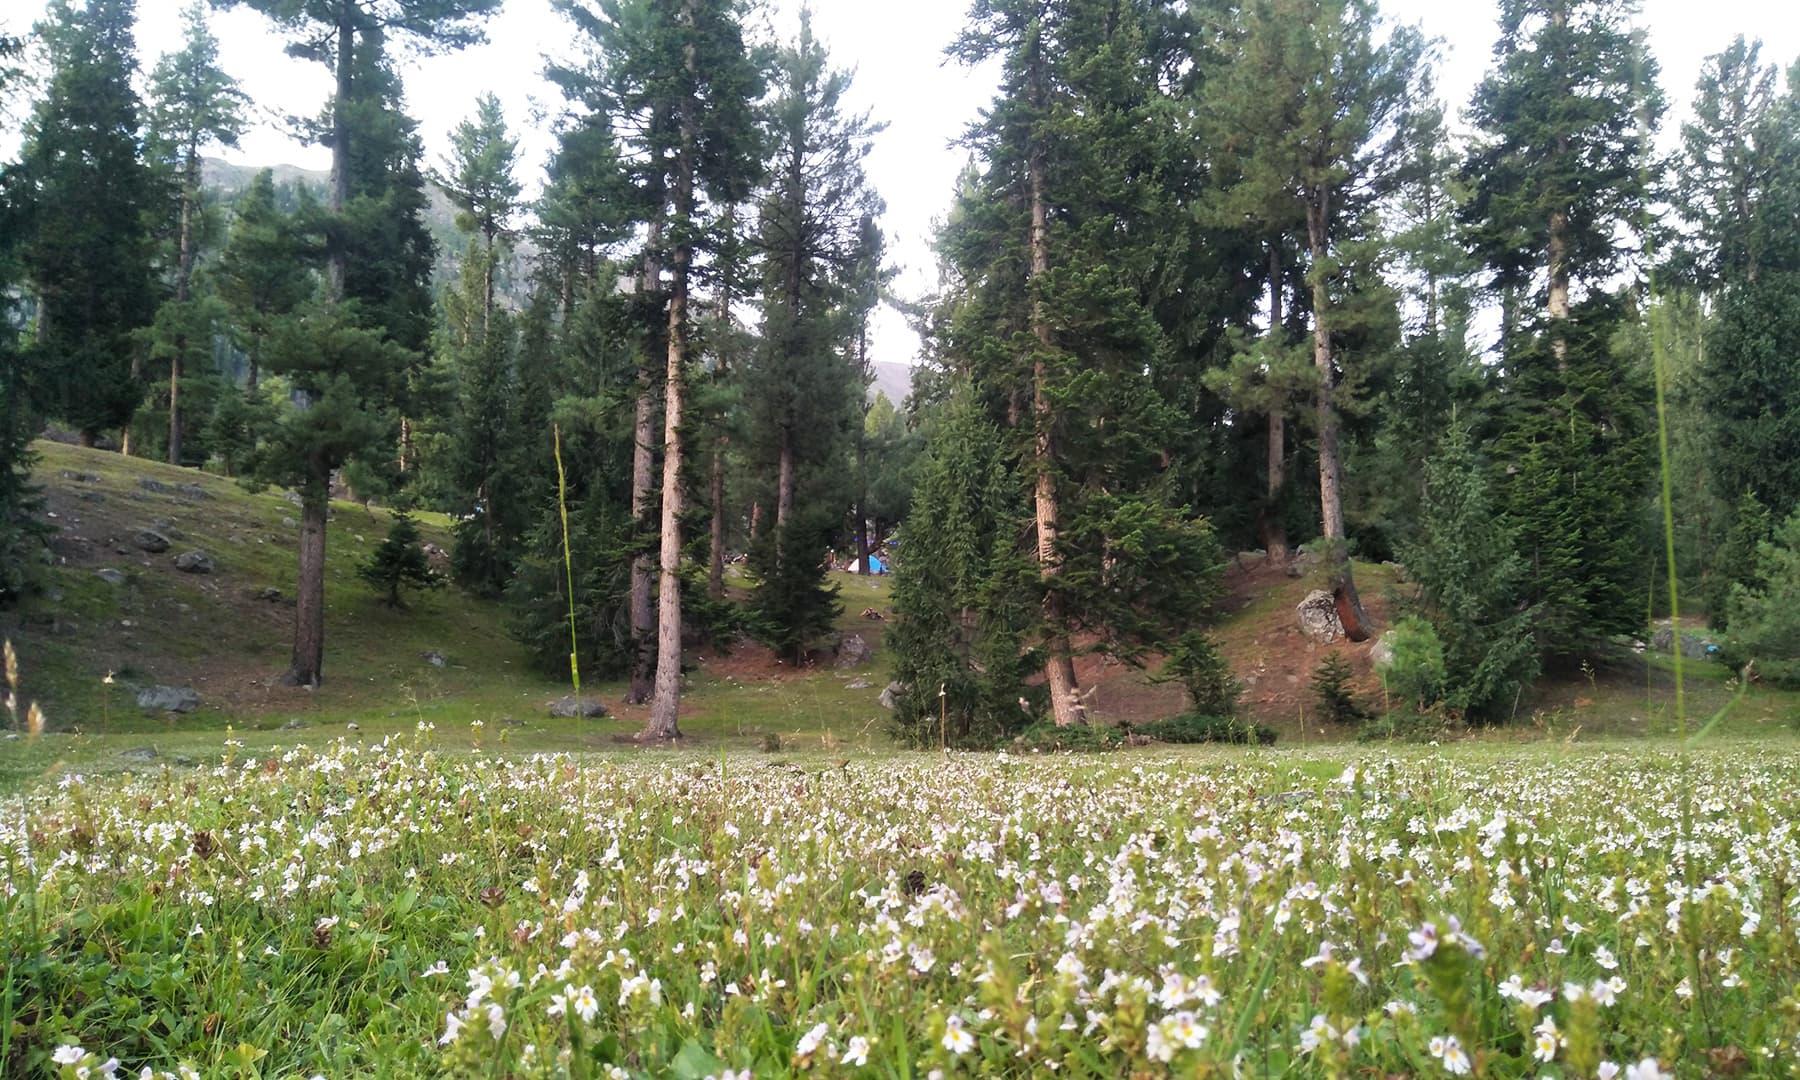 راما میڈوز کے پھولوں کی مہک دور دور تک محسوس ہوتی ہے—تصویر عظمت اکبر